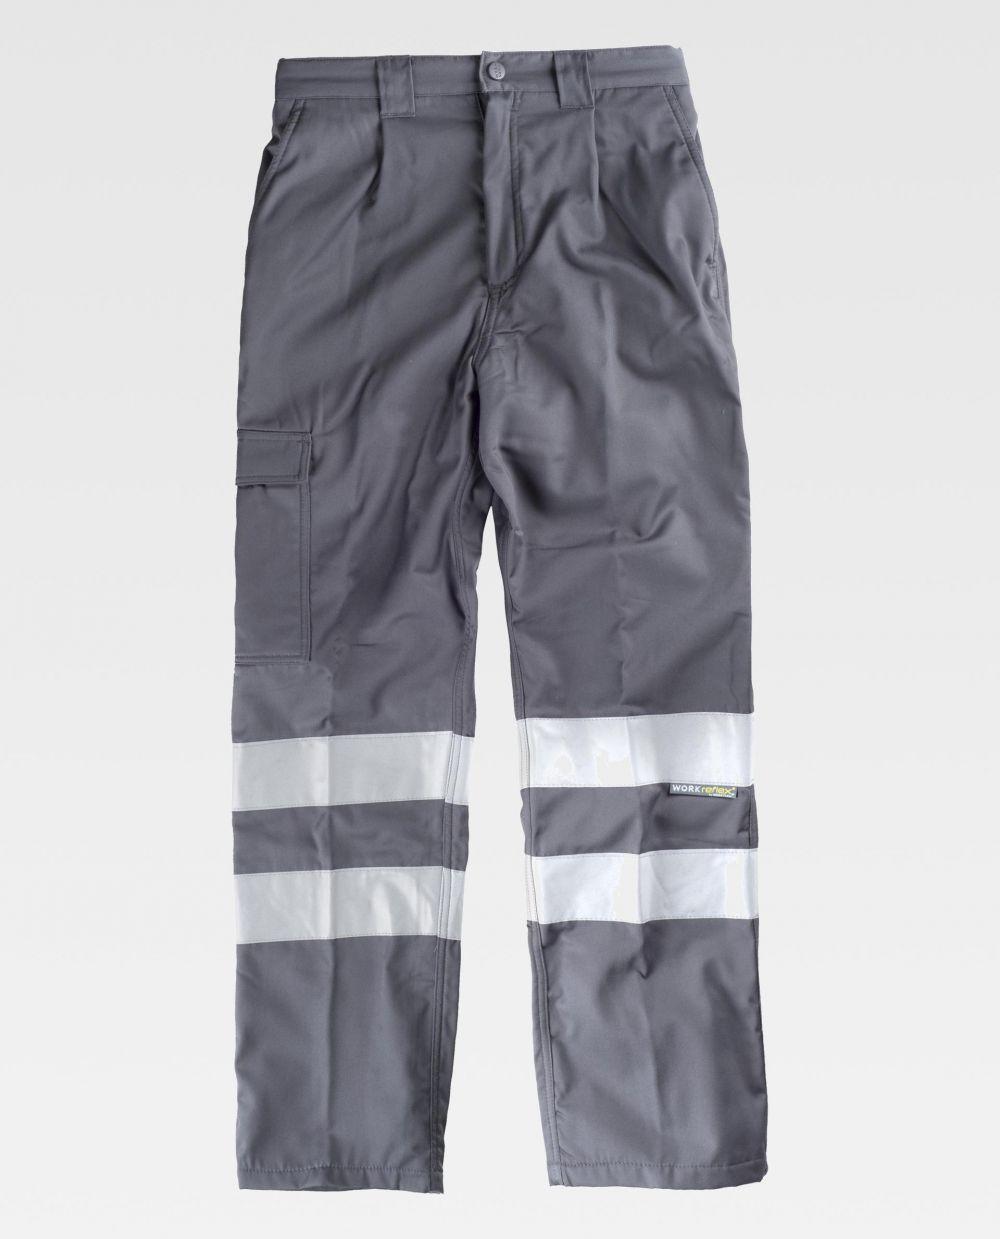 Pantalones de trabajo workteam b1417 de algodon para personalizar vista 2